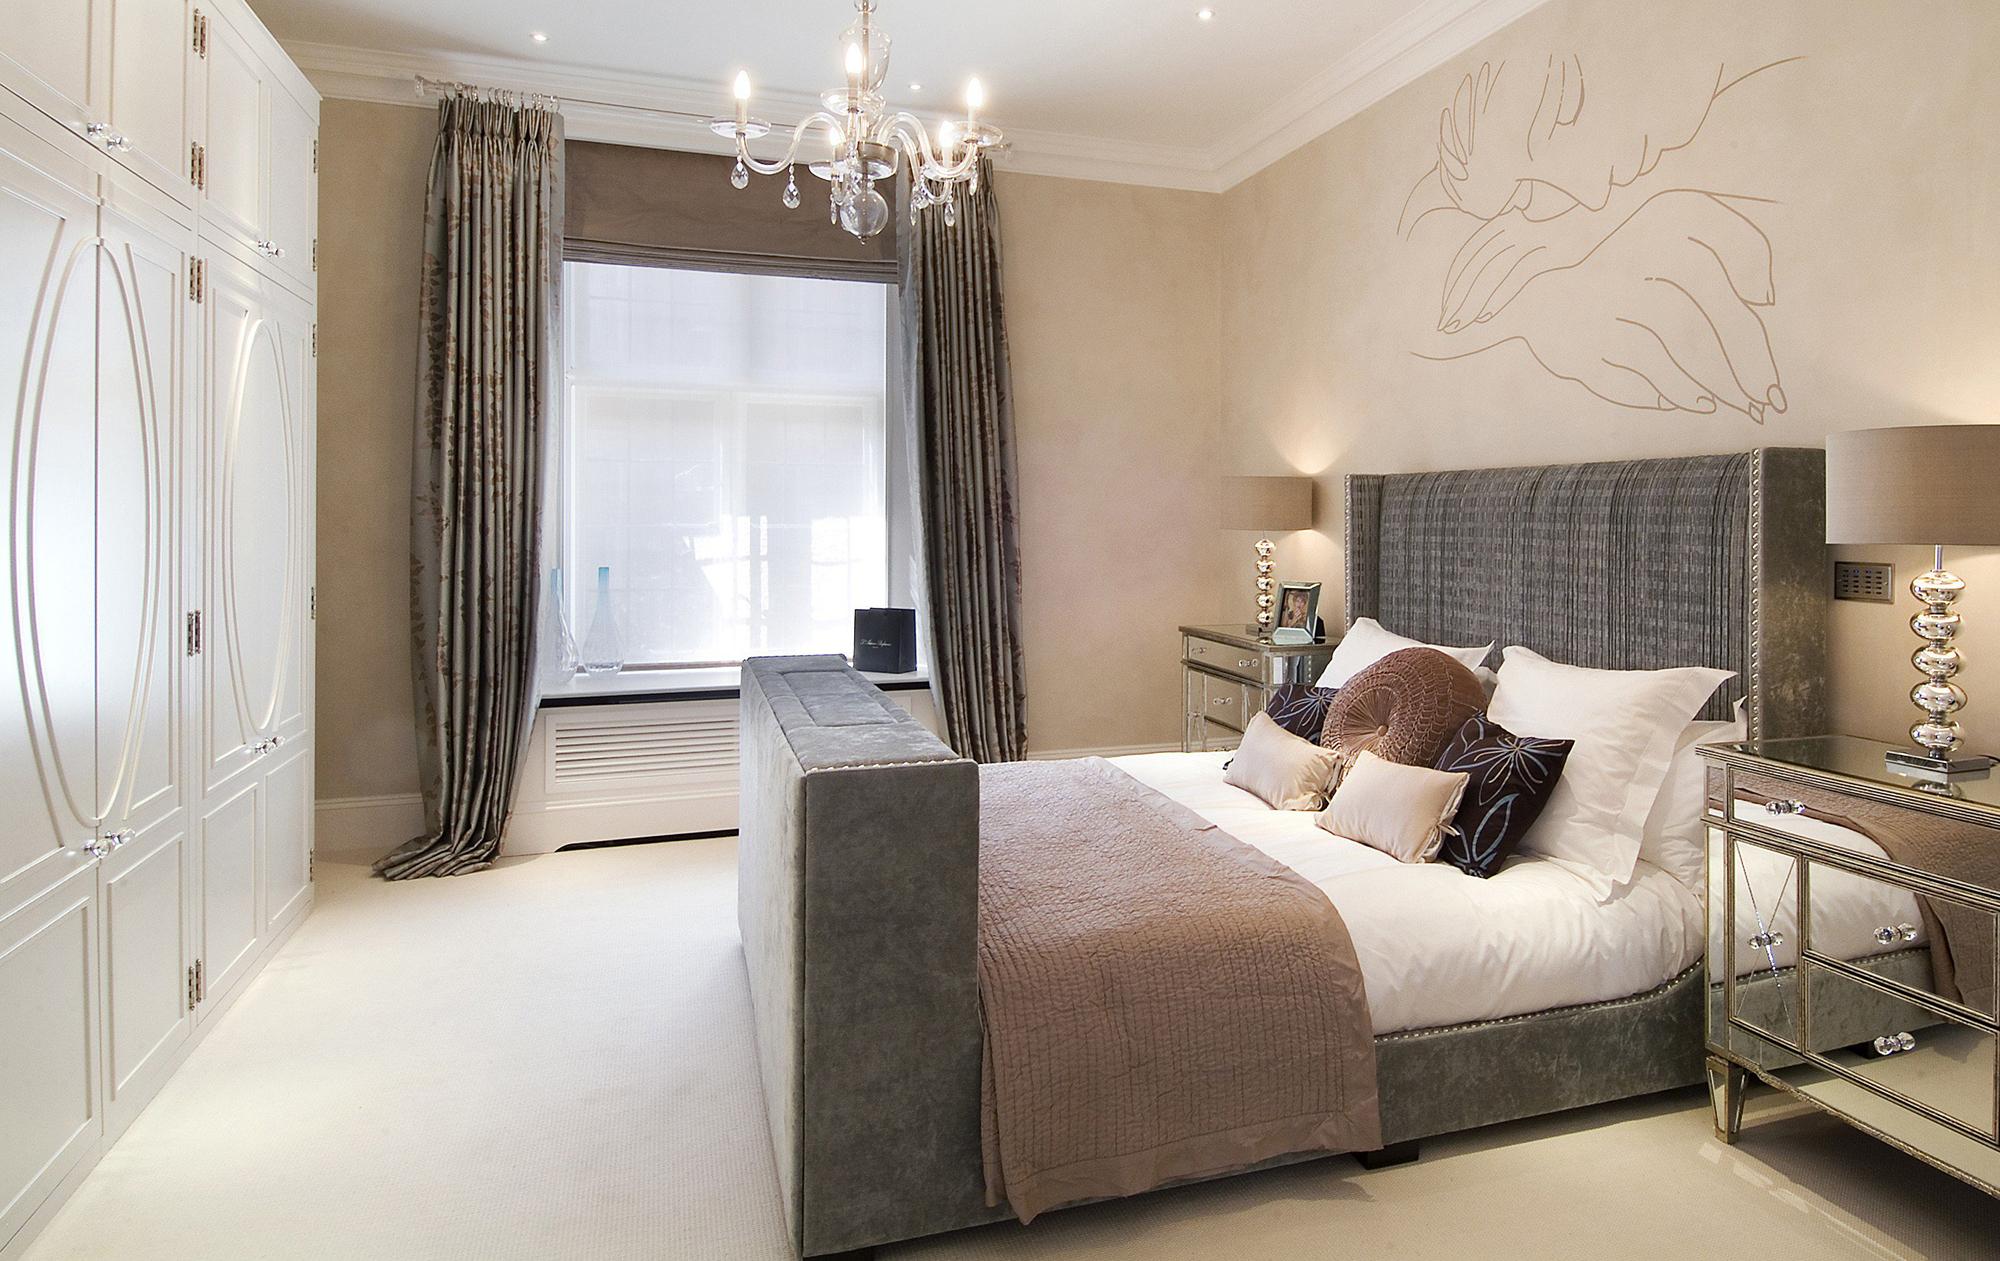 Бежево-серая спальня в стиле арт-деко